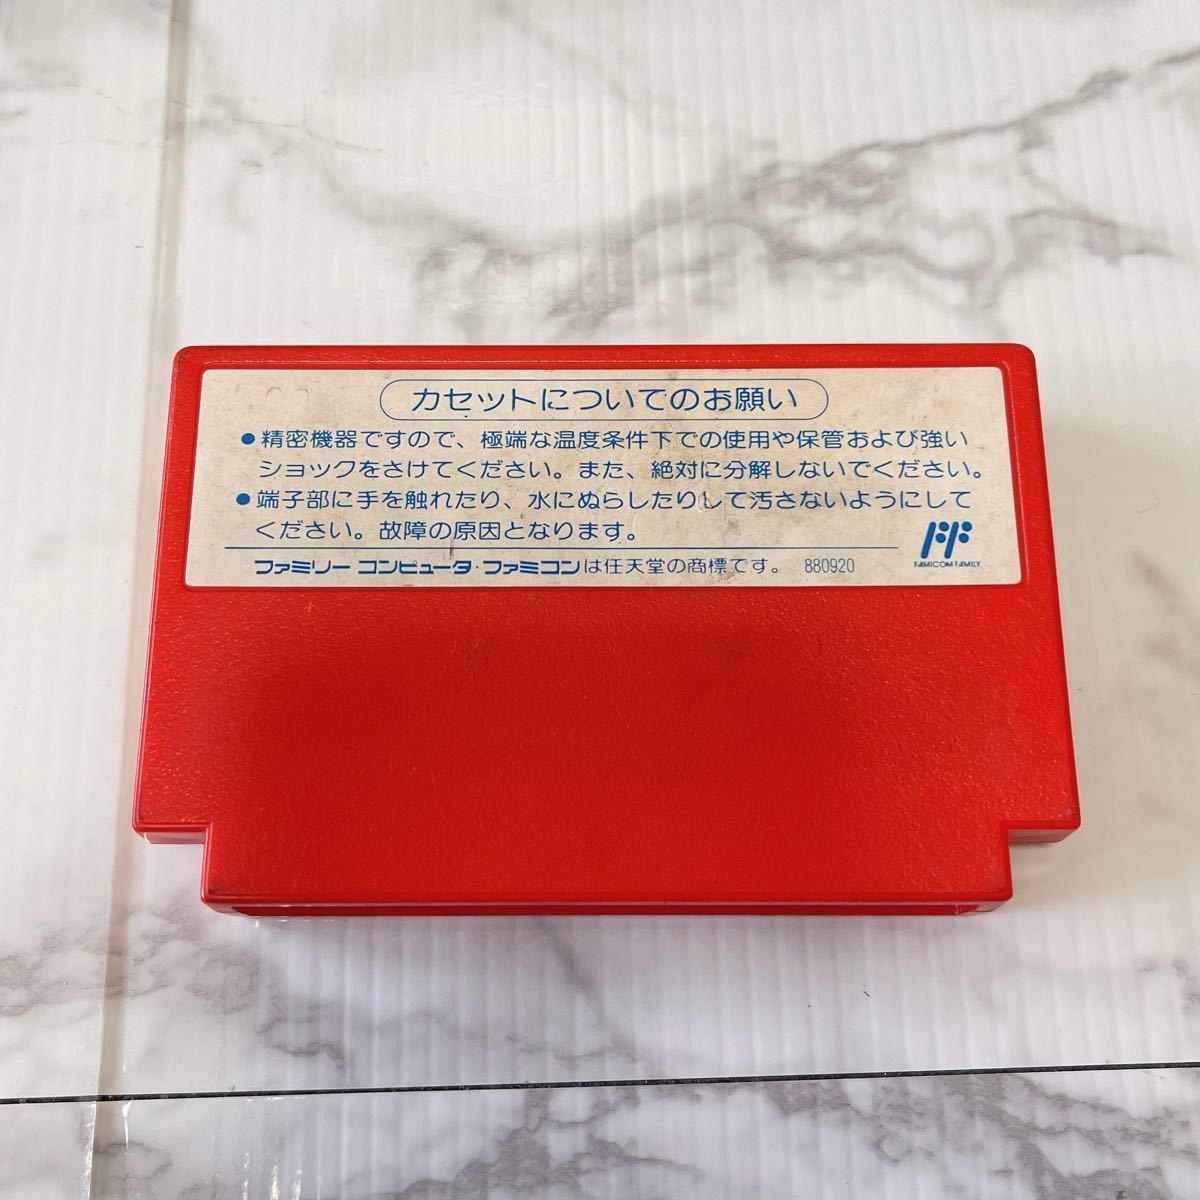 【動作未確認】ファミコンソフト キャプテン翼II スーパーストライカー